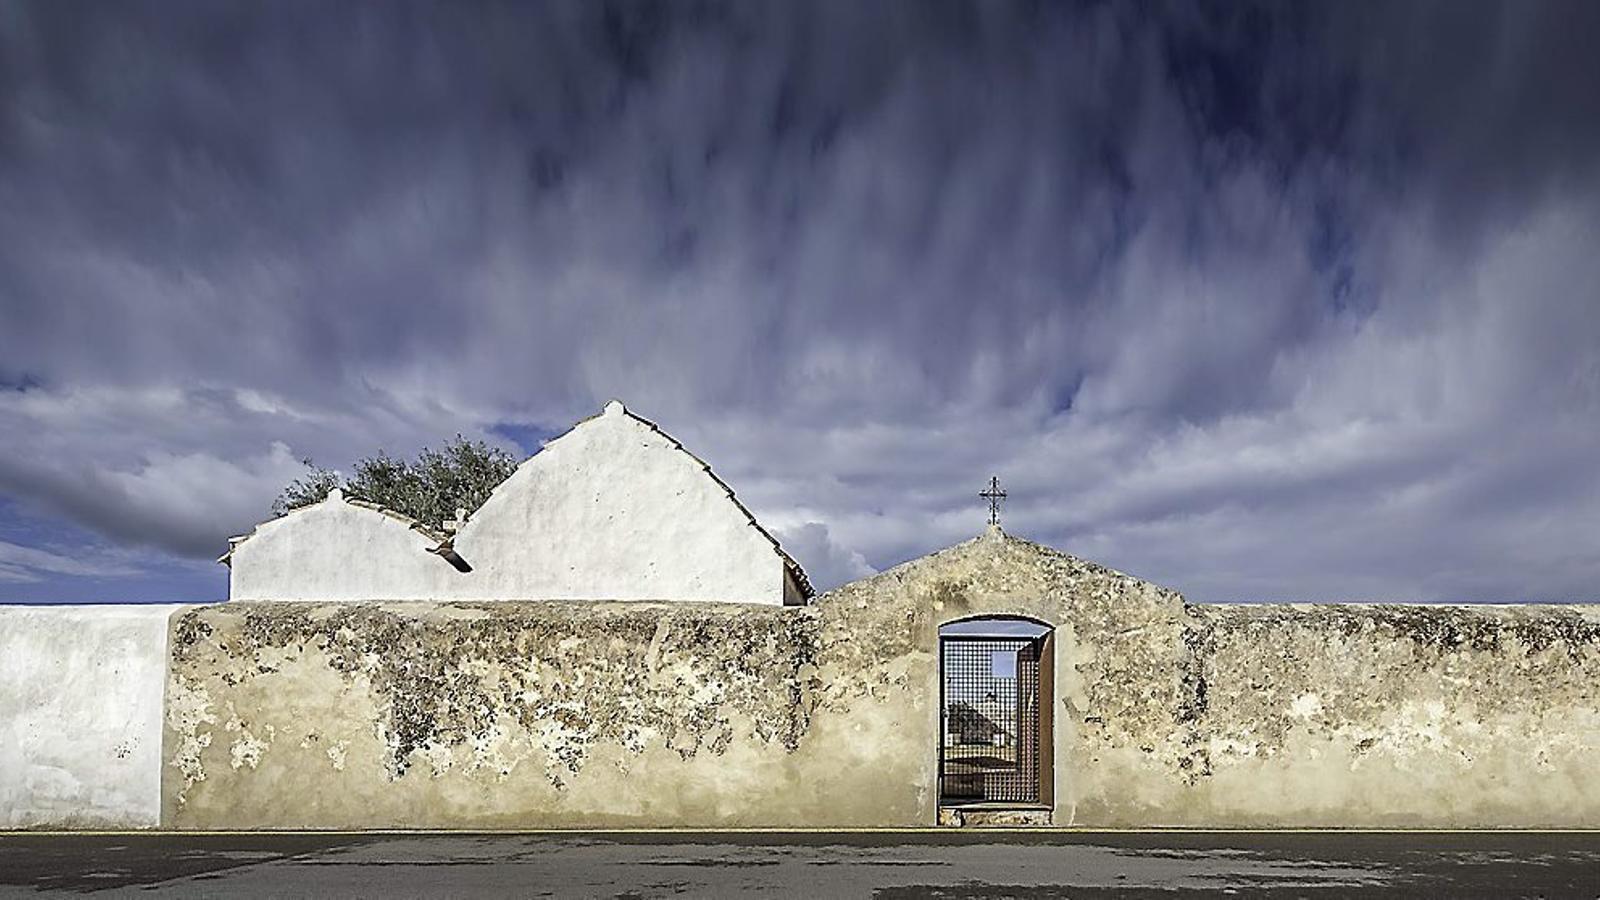 El fossar Vell de Sant Francesc Xavier de Formentera, una vegada finalitzades les obres de restauració.